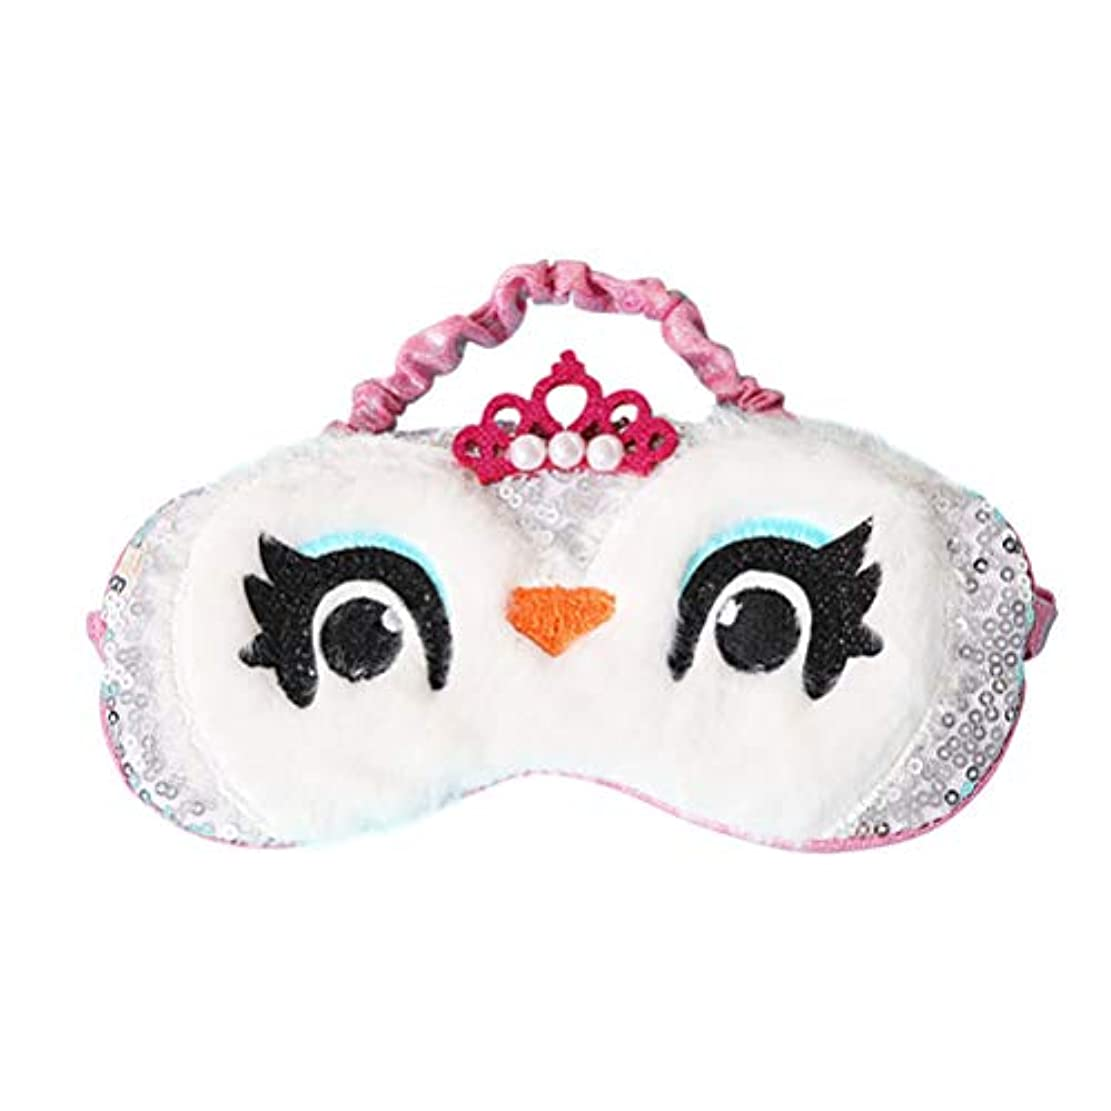 驚かす会員希望に満ちたHealifty アイマスクかわいいぬいぐるみ目隠しアイカバー用女性女の子子供ホームベッド旅行フライトカーキャンプ用(ホワイト)